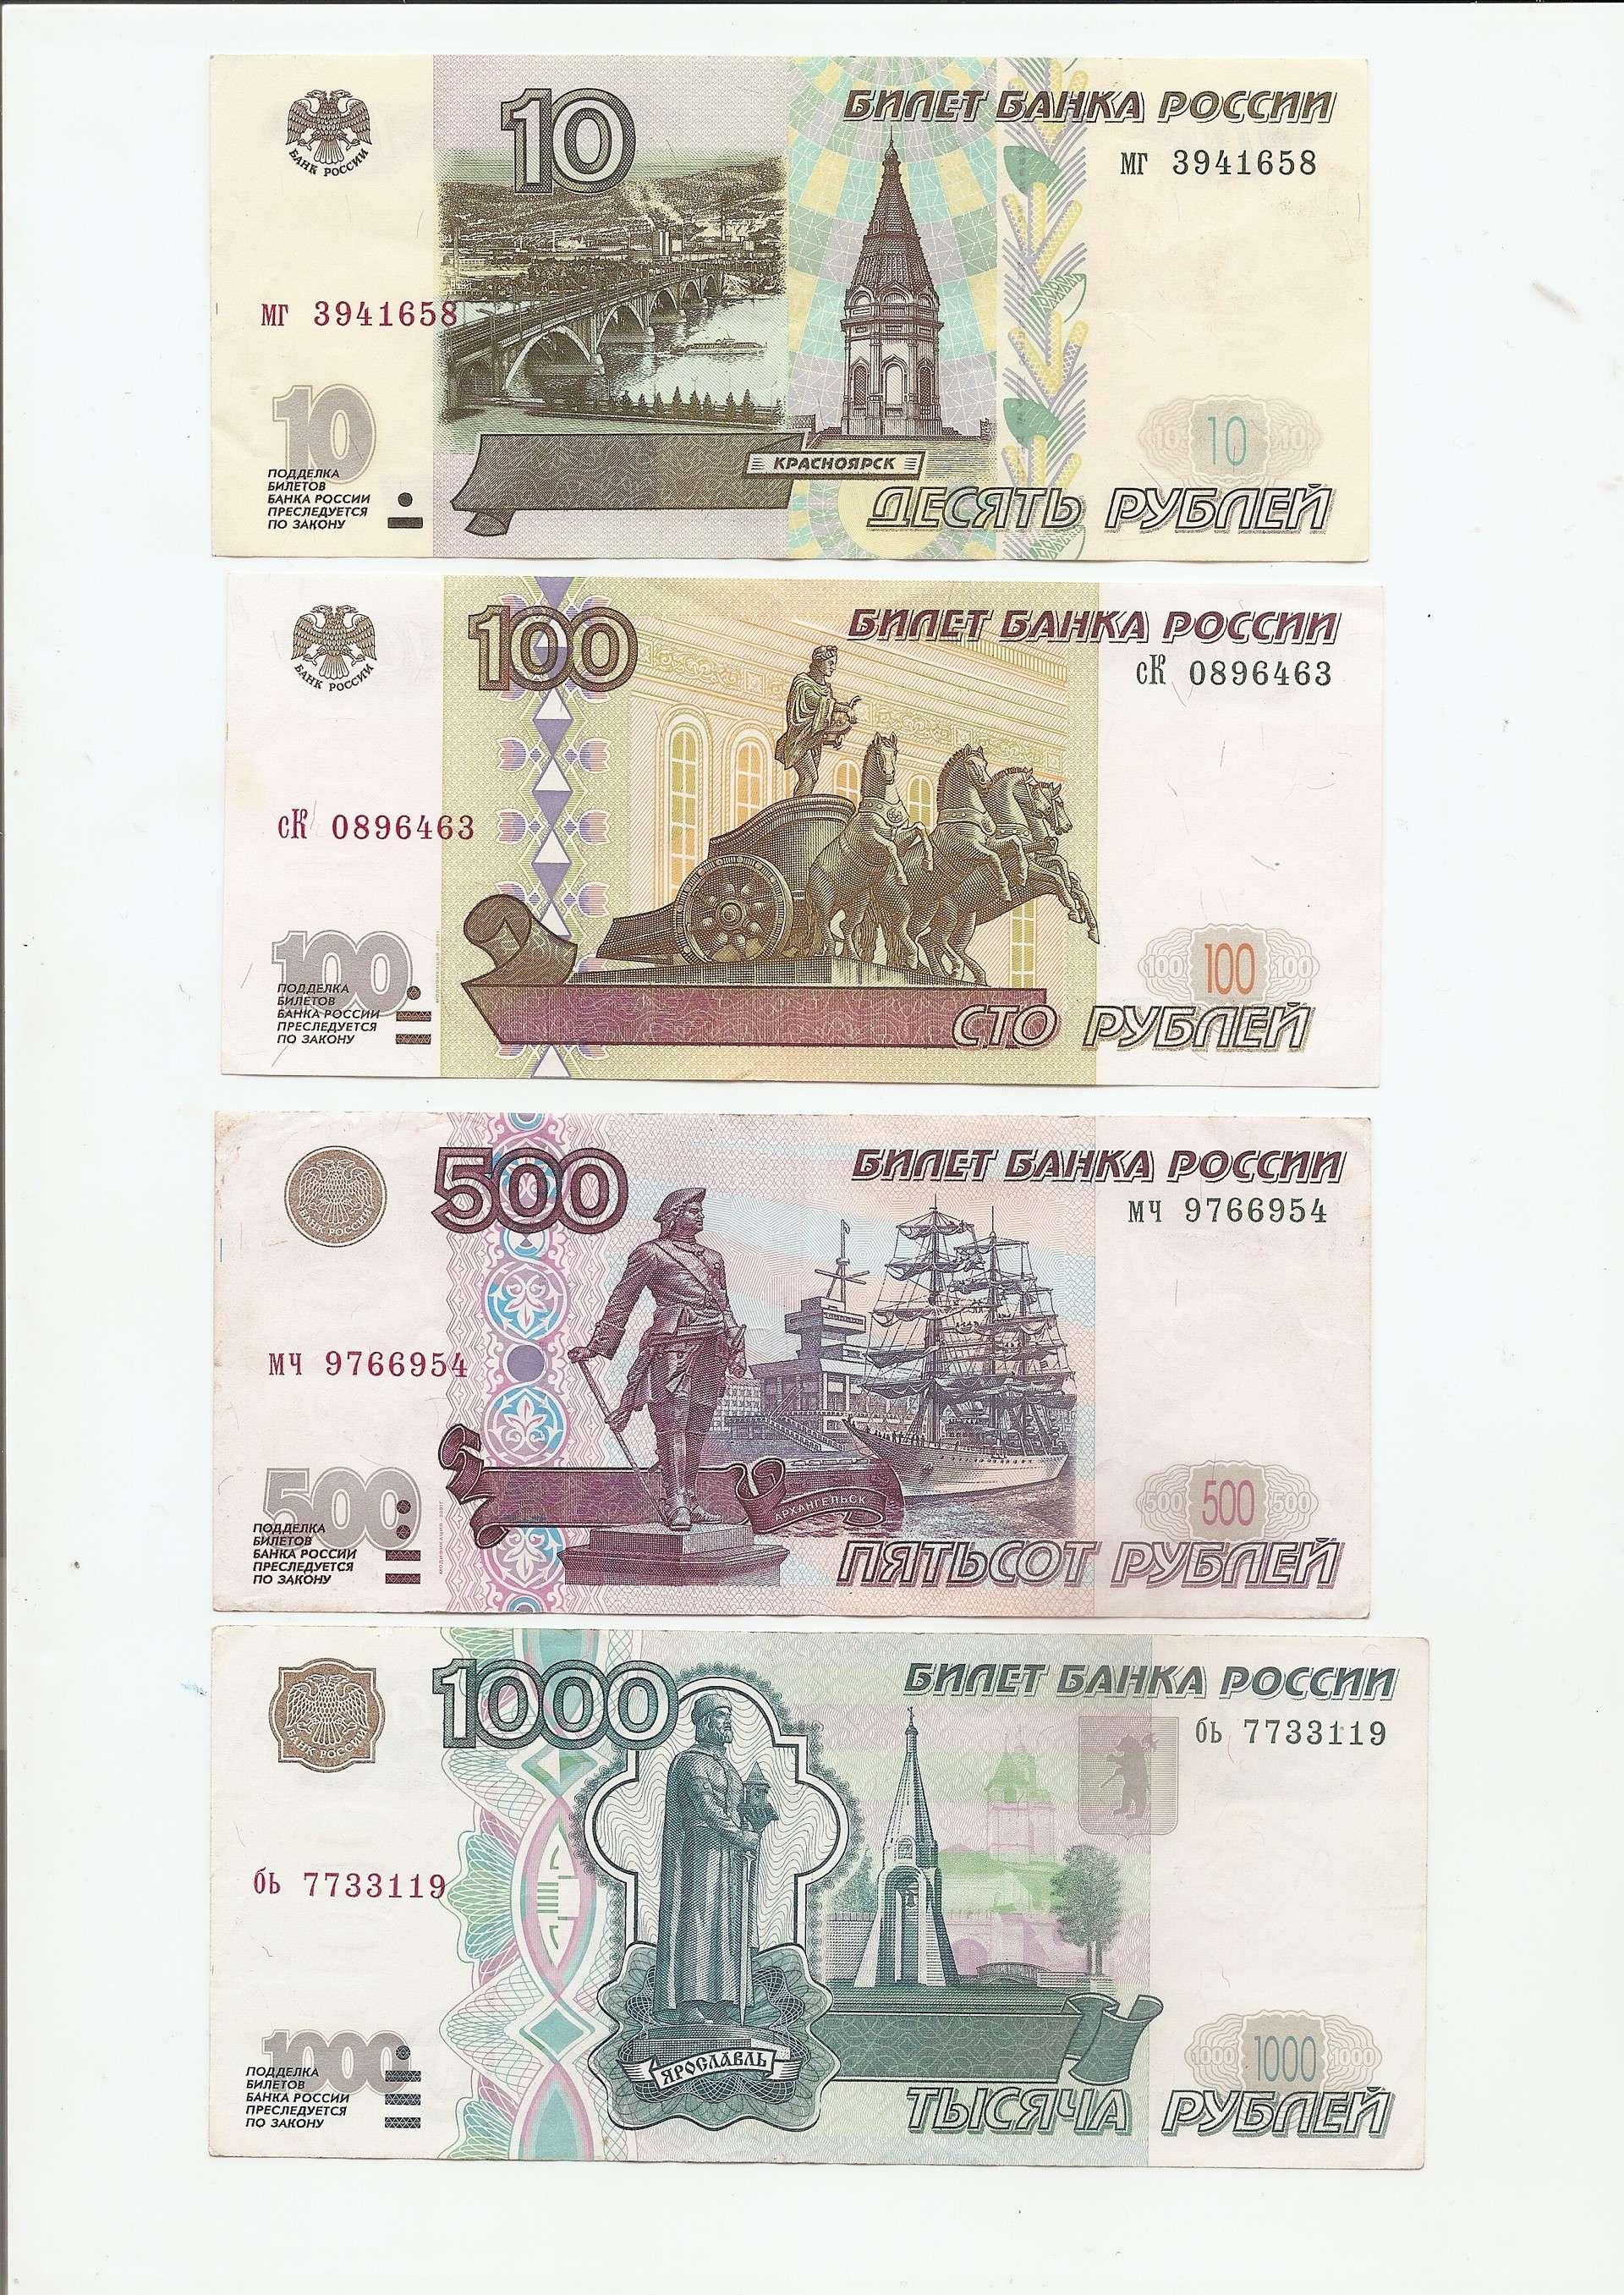 картинки рублей печатать правило, для изготовления